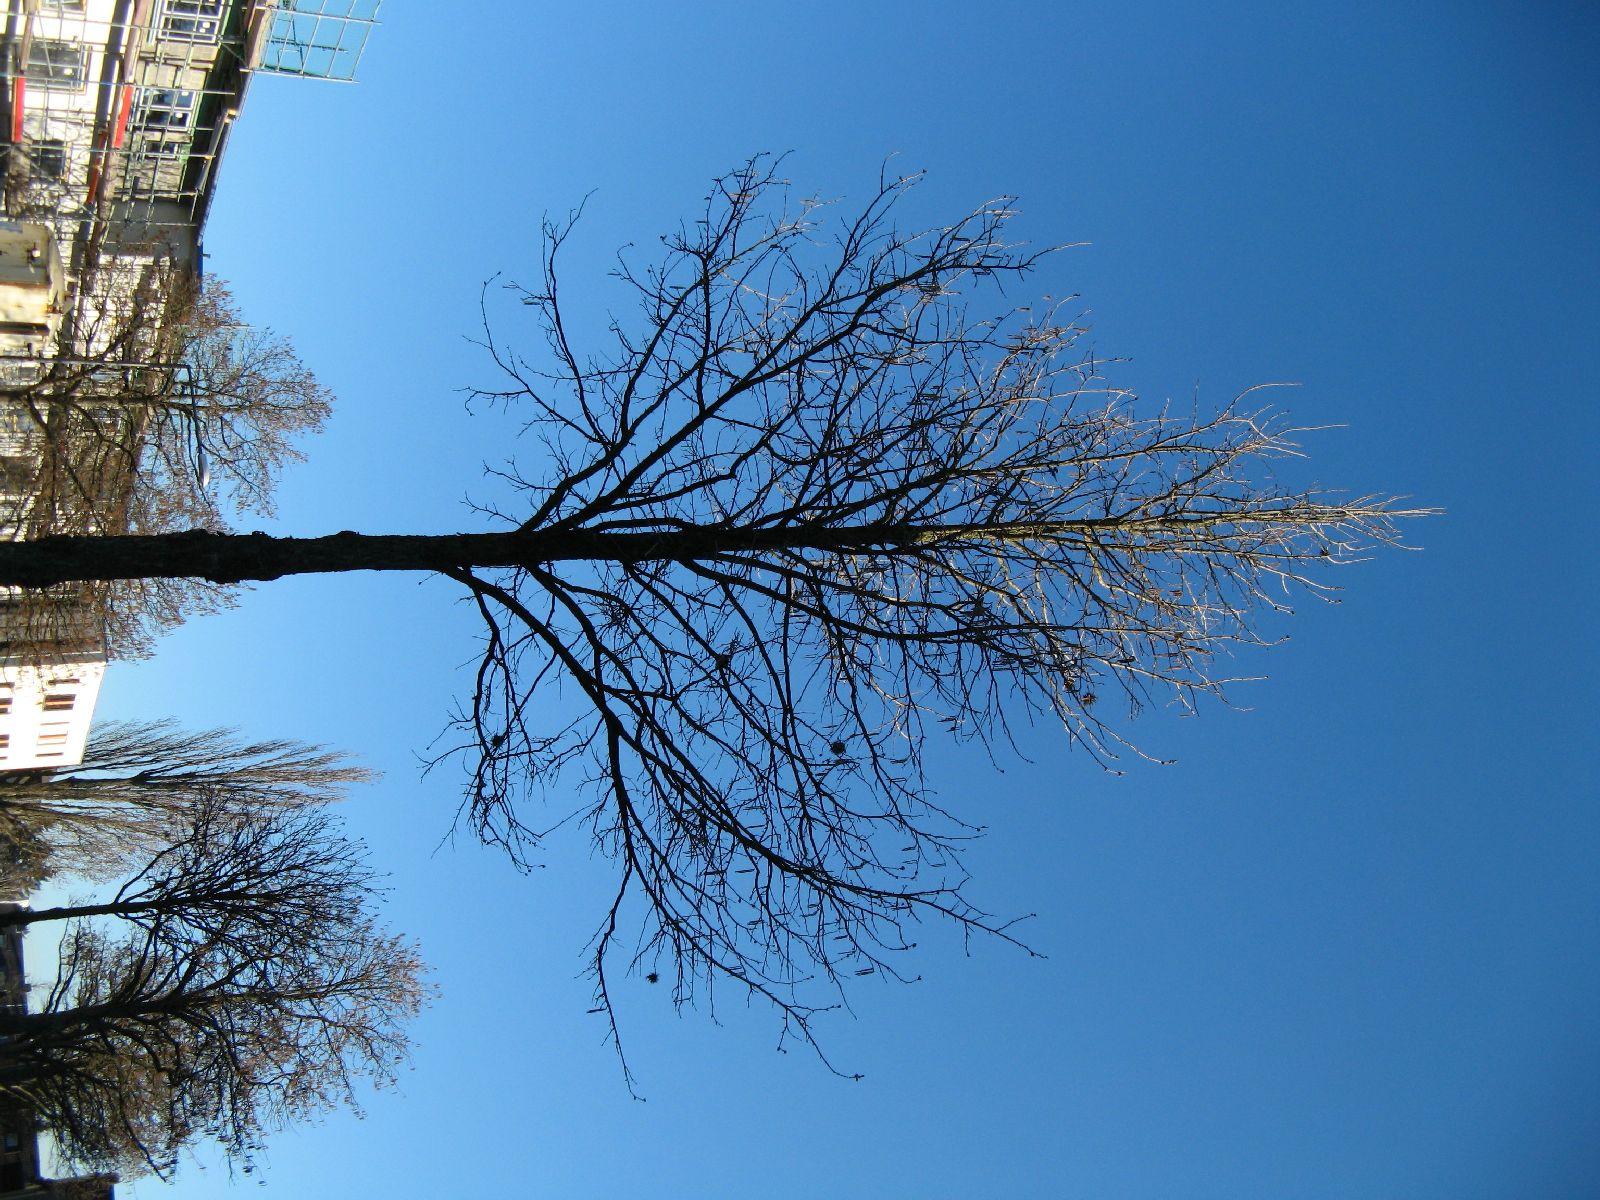 Pflanzen-Baum-Foto_Textur_B_42360